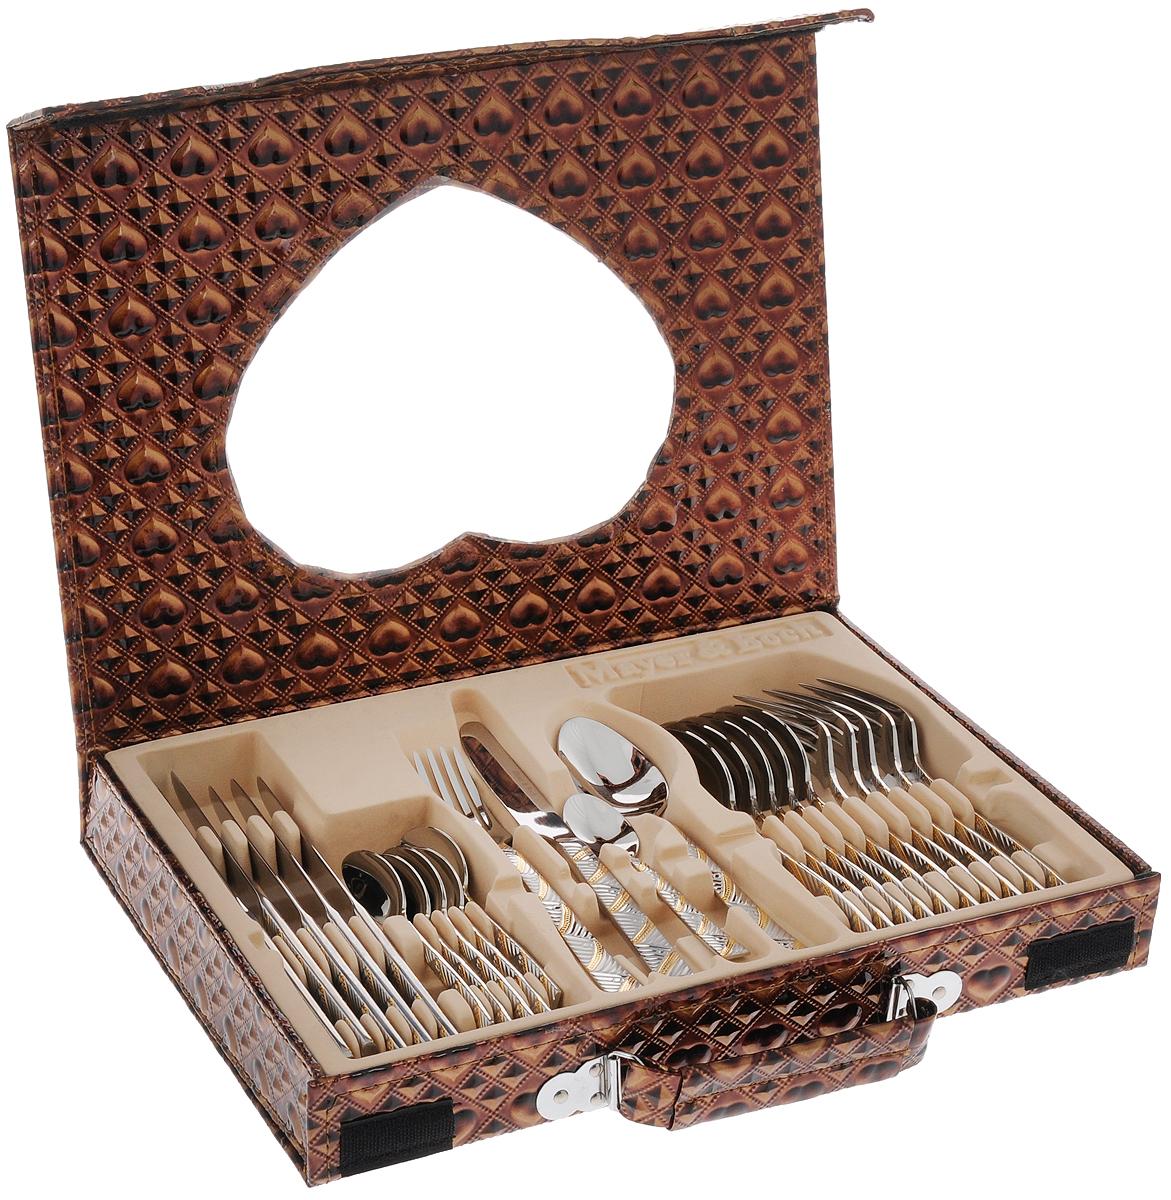 Набор столовых приборов Mayer & Boch, 25 предметов. 2222Набор Mayer & Boch, выполненный из высококачественной нержавеющей стали, состоит из 24 предметов: 6 столовых ножей, 6 столовых ложек, 6 столовых вилок и 6 чайных ложек. Ручки приборов украшены красивым рельефным узором. Прекрасное сочетание контрастного дизайна и удобство использования изделий придется по душе каждому. Набор столовых приборов Mayer & Boch упакован в подарочную коробку в виде чемодана, что делает его очень презентабельным. Этот набор подойдет для сервировки стола как дома, так и на даче и всегда будет важной частью трапезы, а также станет замечательным подарком. Можно мыть в посудомоечной машине.Длина ножа: 22,2 см. Длина лезвия ножа: 6 см.Длина столовой ложки: 20,5 см.Длина вилки: 20,5 см. Длина чайной ложки: 14 см.